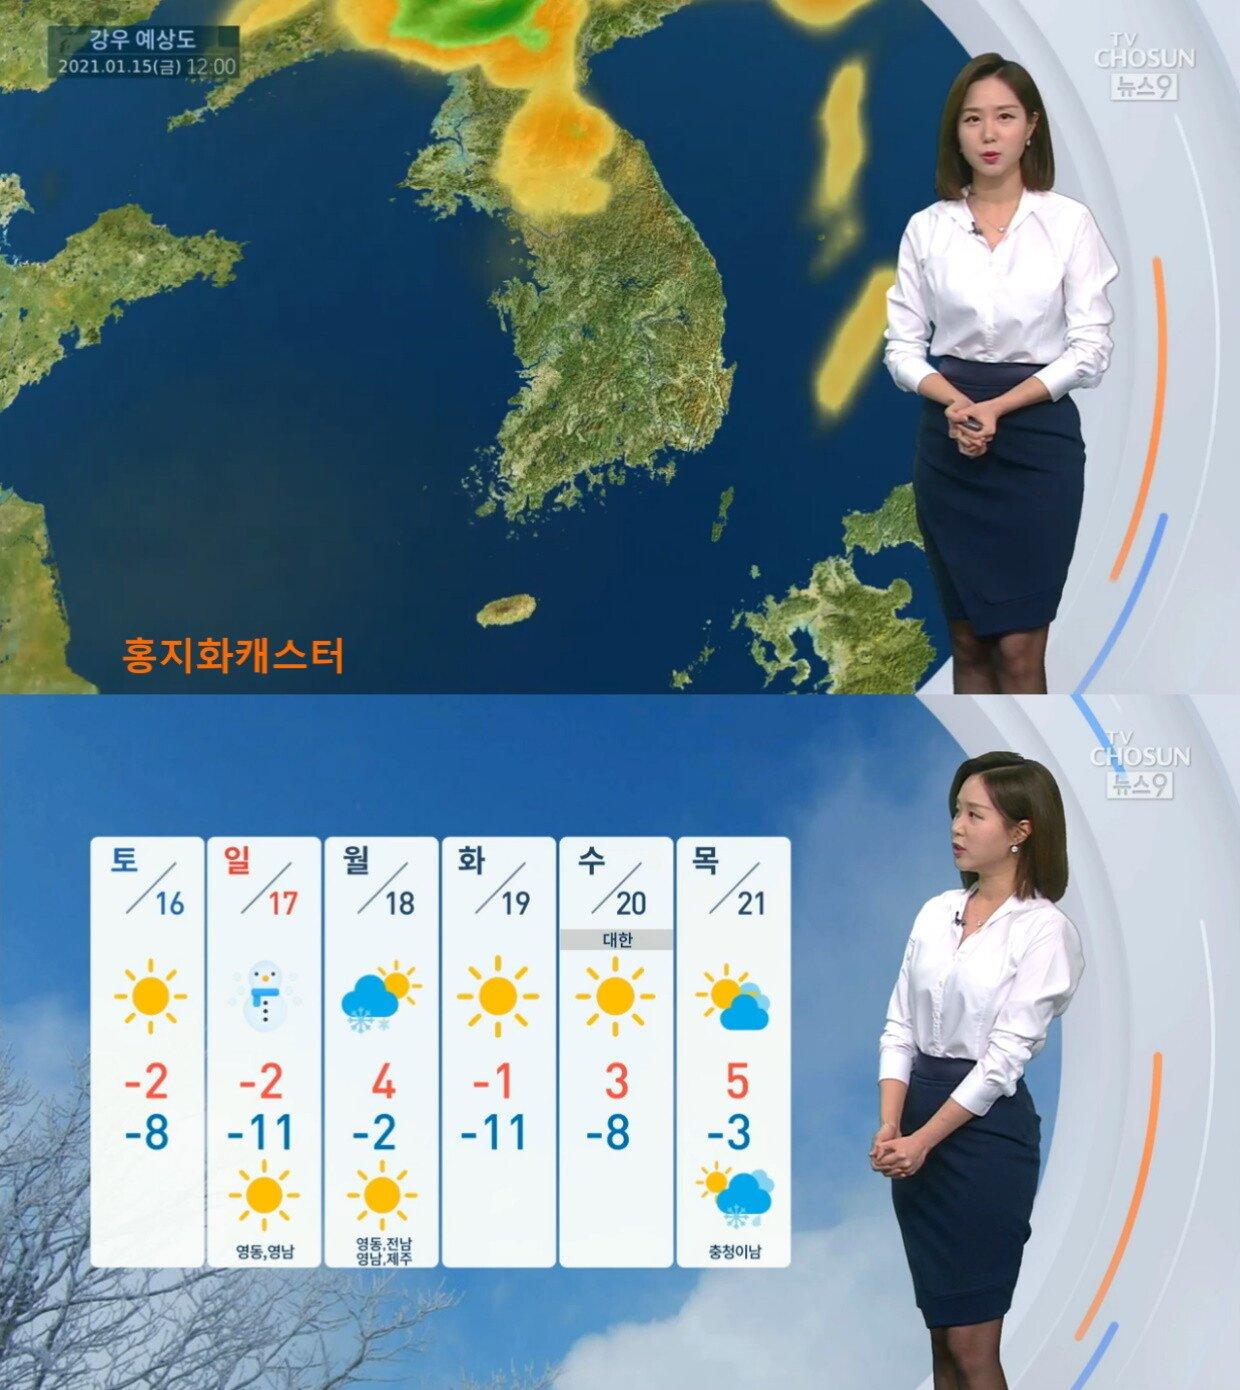 저녁25.jpg 미세먼지에 눈 건강 비상 (내일 미세먼지 서쪽 나쁨 및 흐리고 곳곳 비)